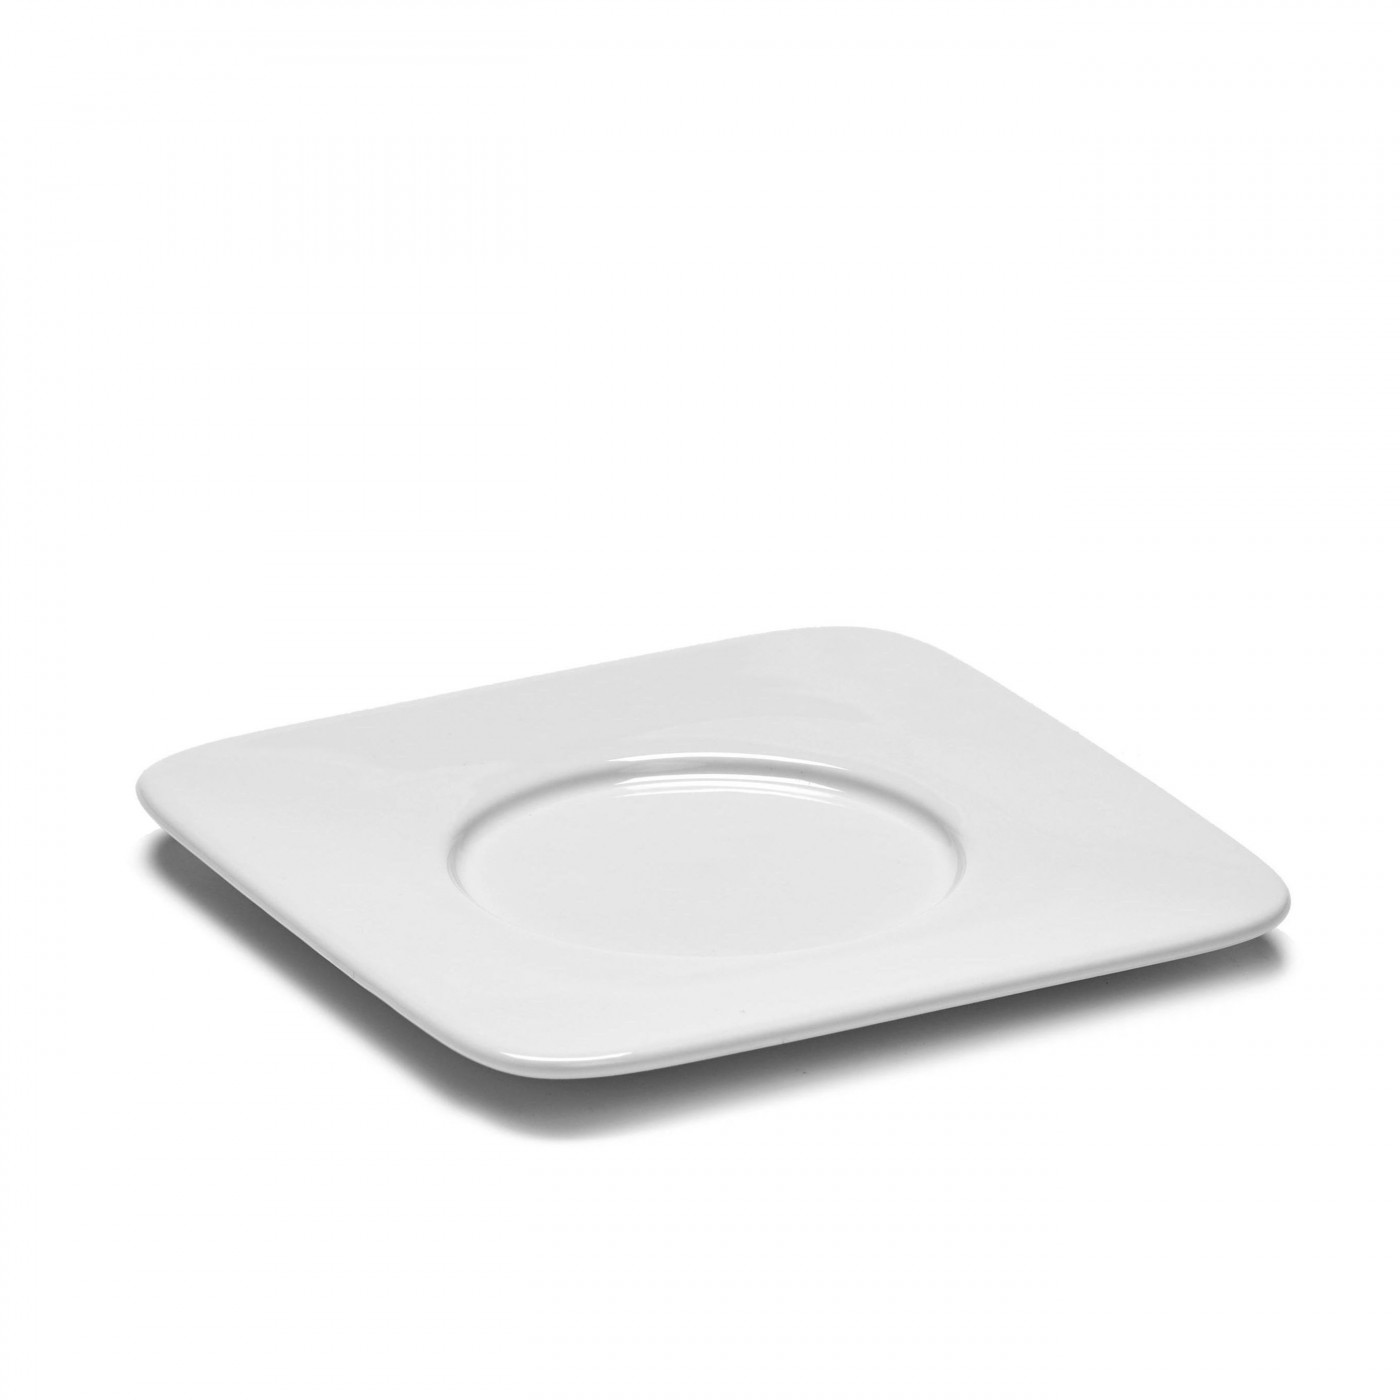 Soucoupe carrée mug en porcelaine blanche 12,7x12,7cm